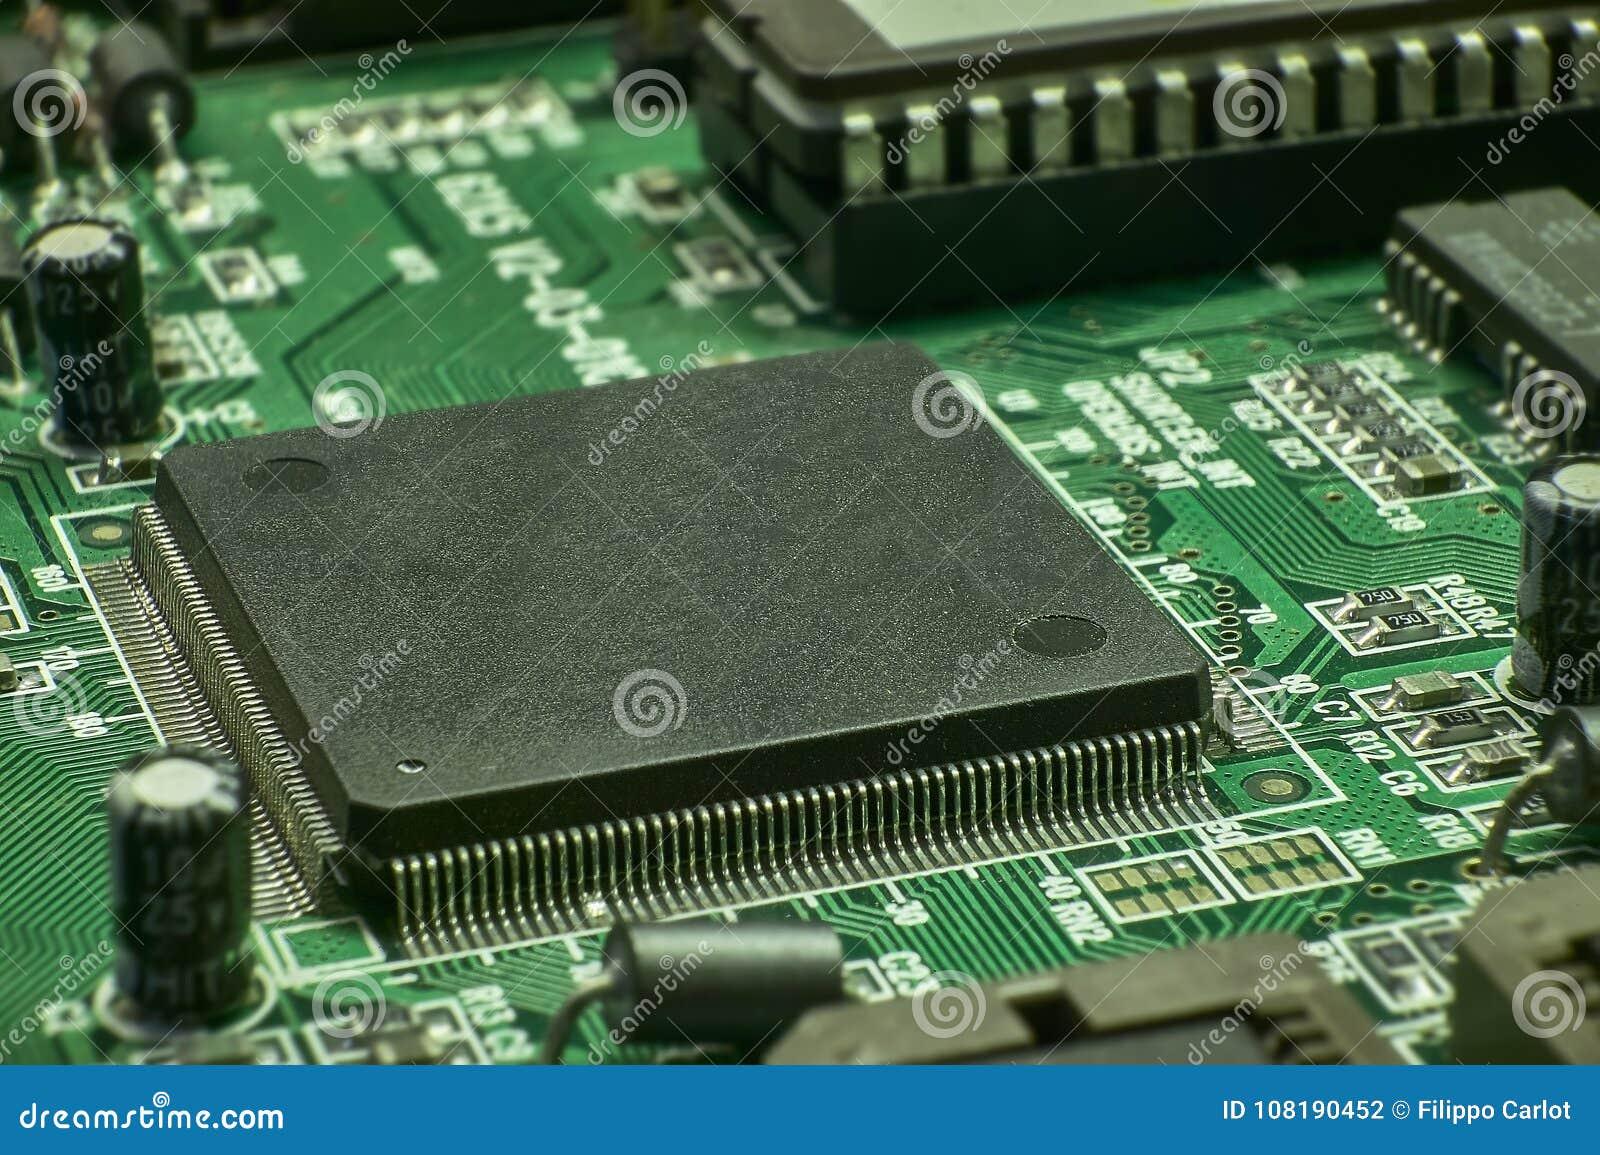 Placa eletrônica com componentes visíveis